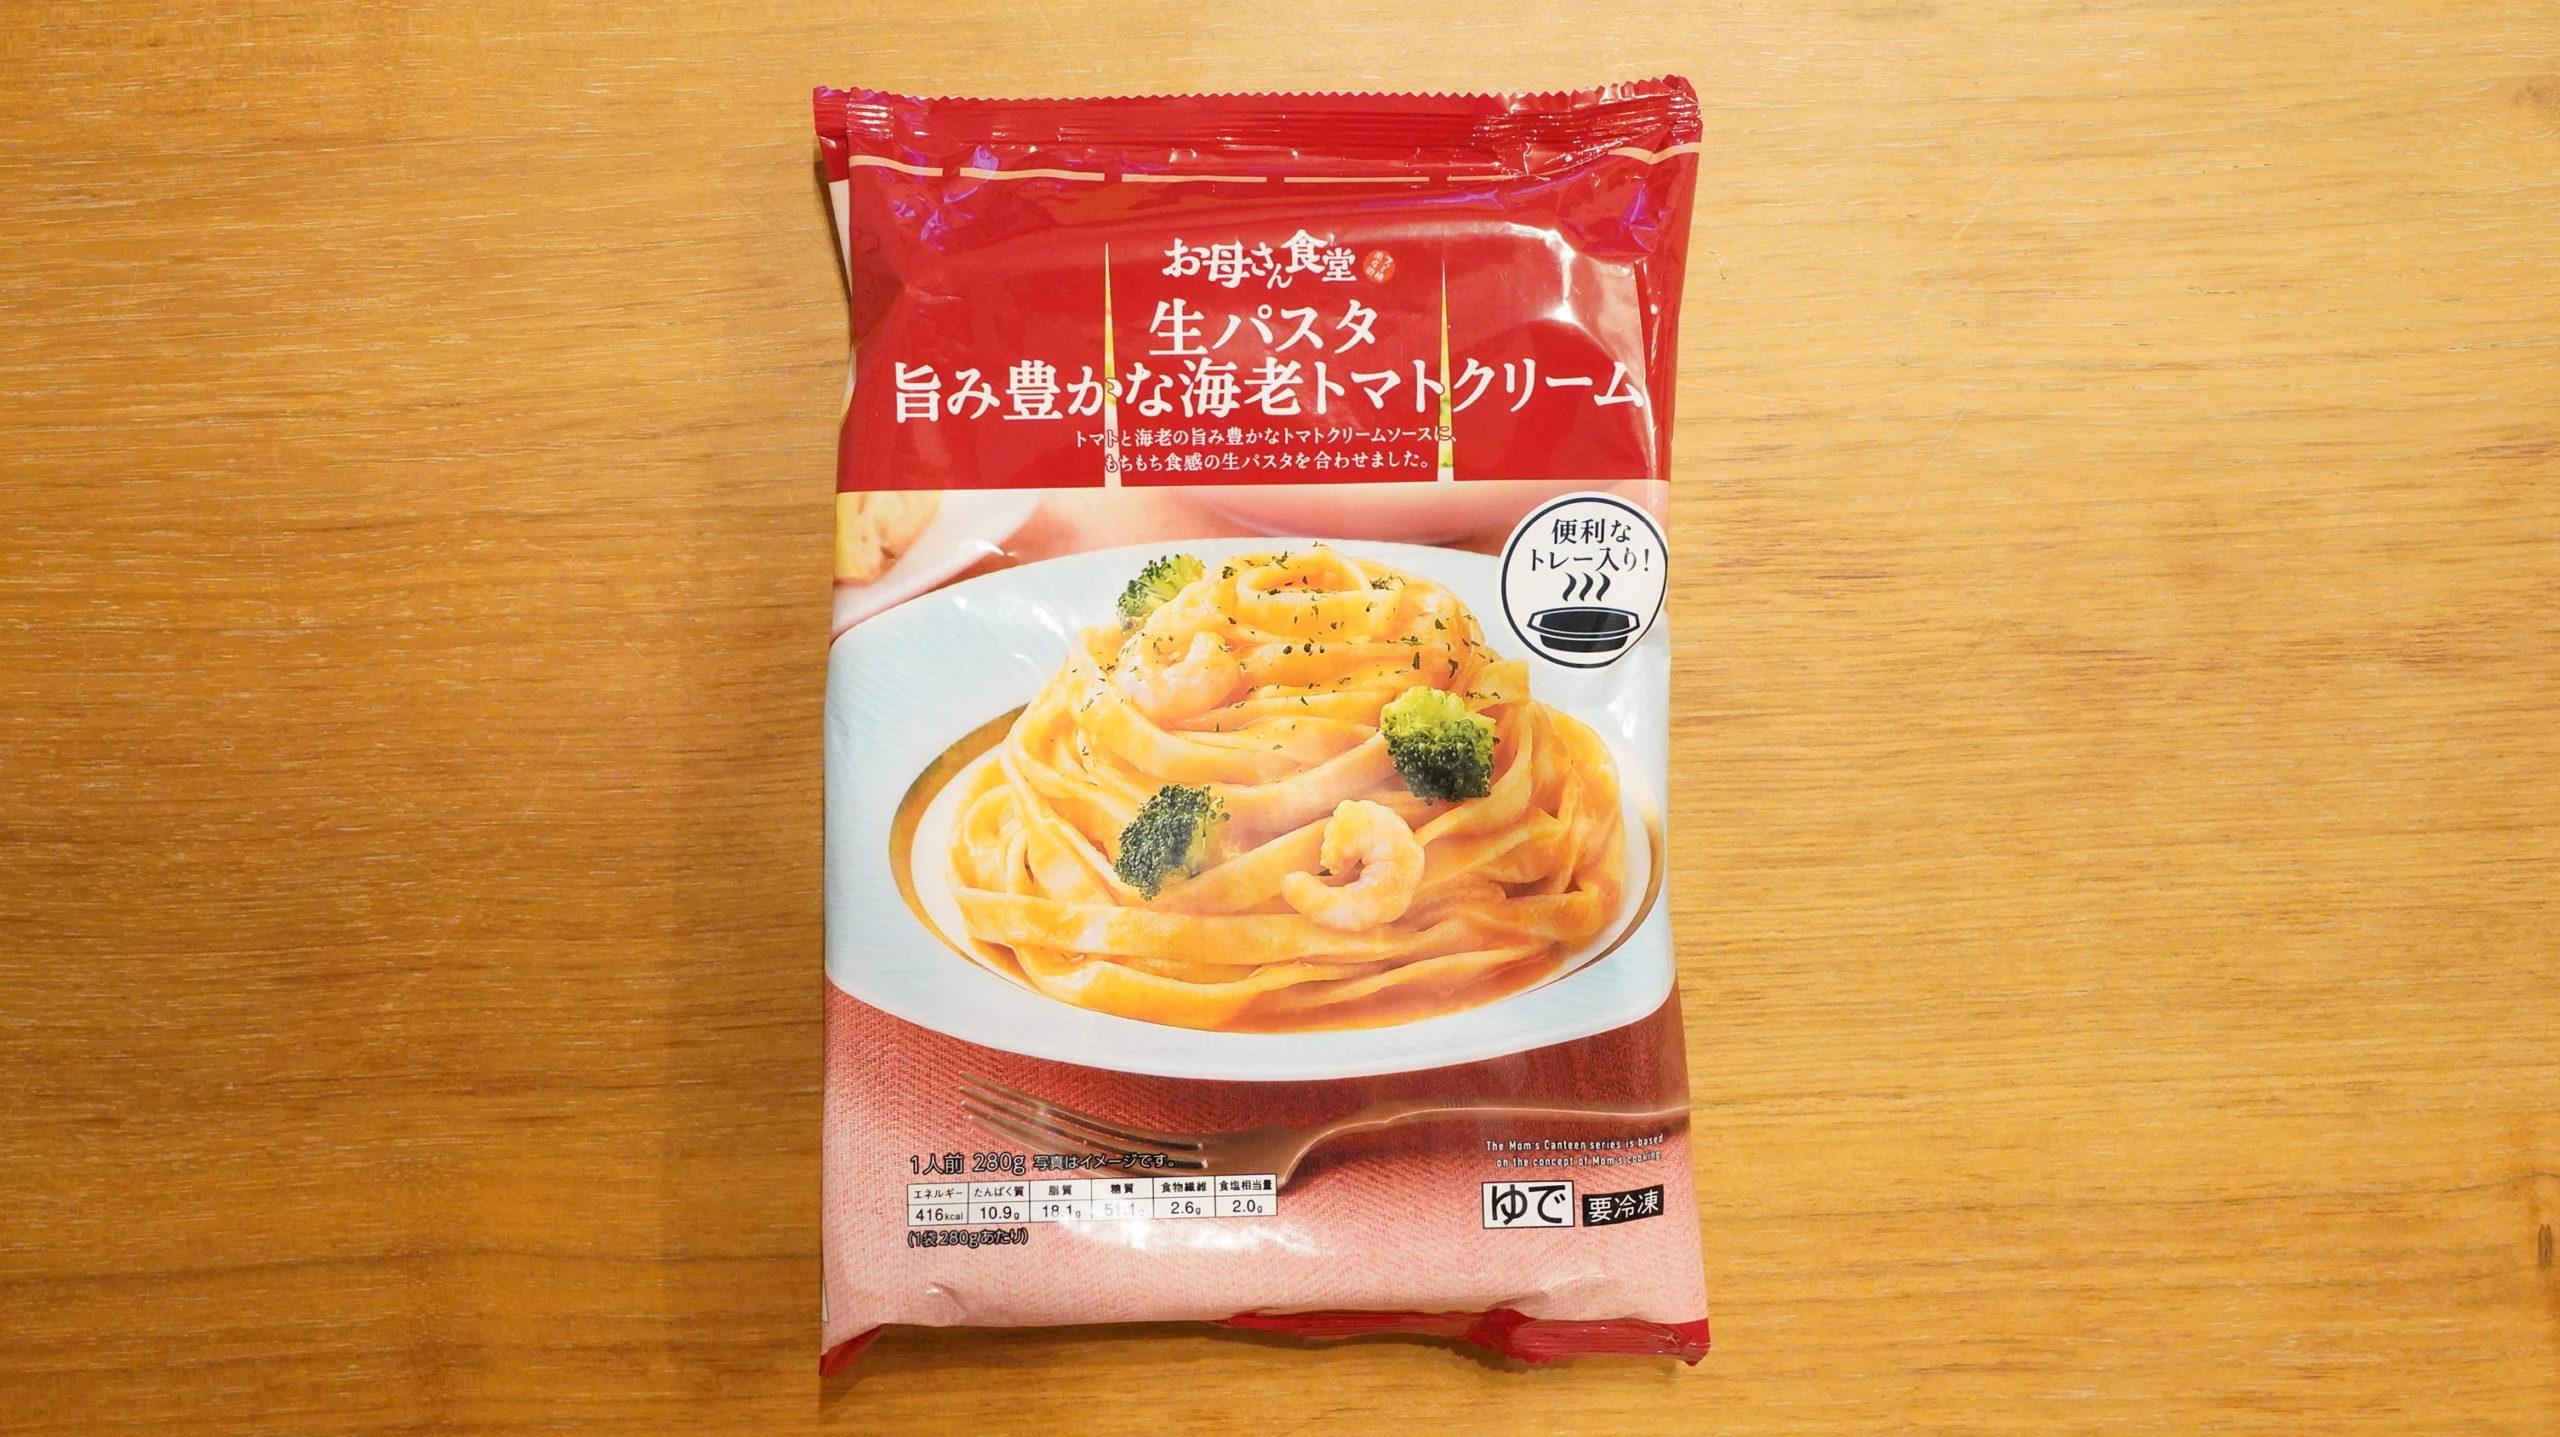 ファミリーマートの冷凍食品「生パスタ旨み豊かな海老トマトクリーム」のパッケージの写真